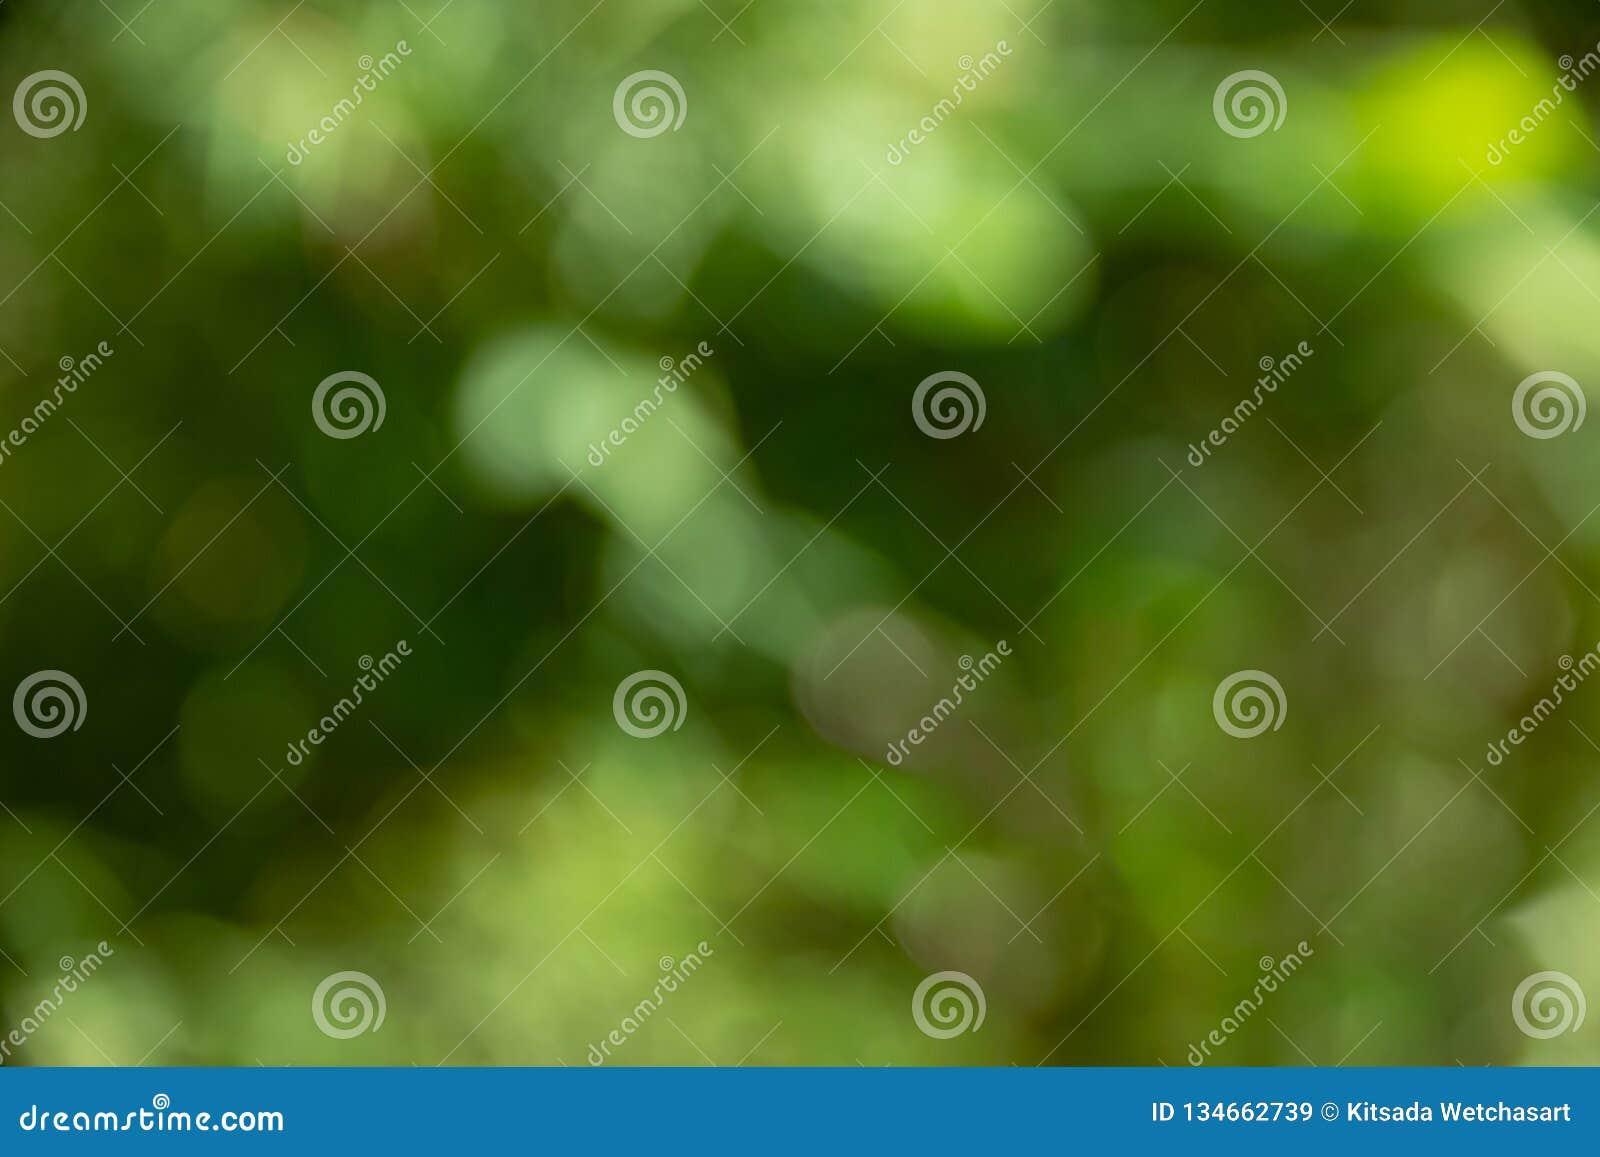 Fondo verde abstracto Defocused del bokeh, fondo suave